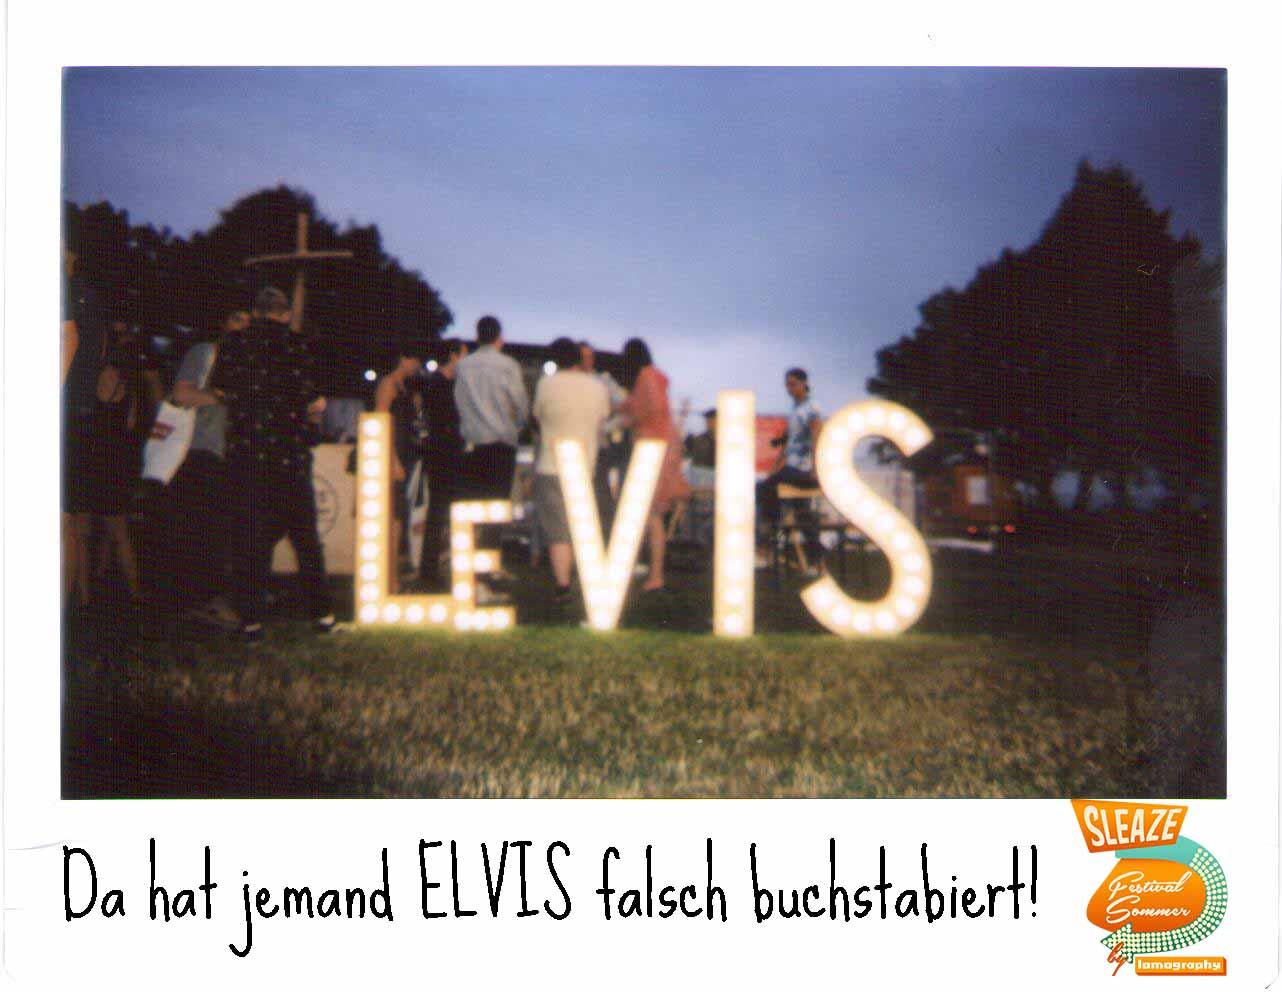 Der SLEAZE Festivalsommer by Lomography Teil 1 mit Elvis